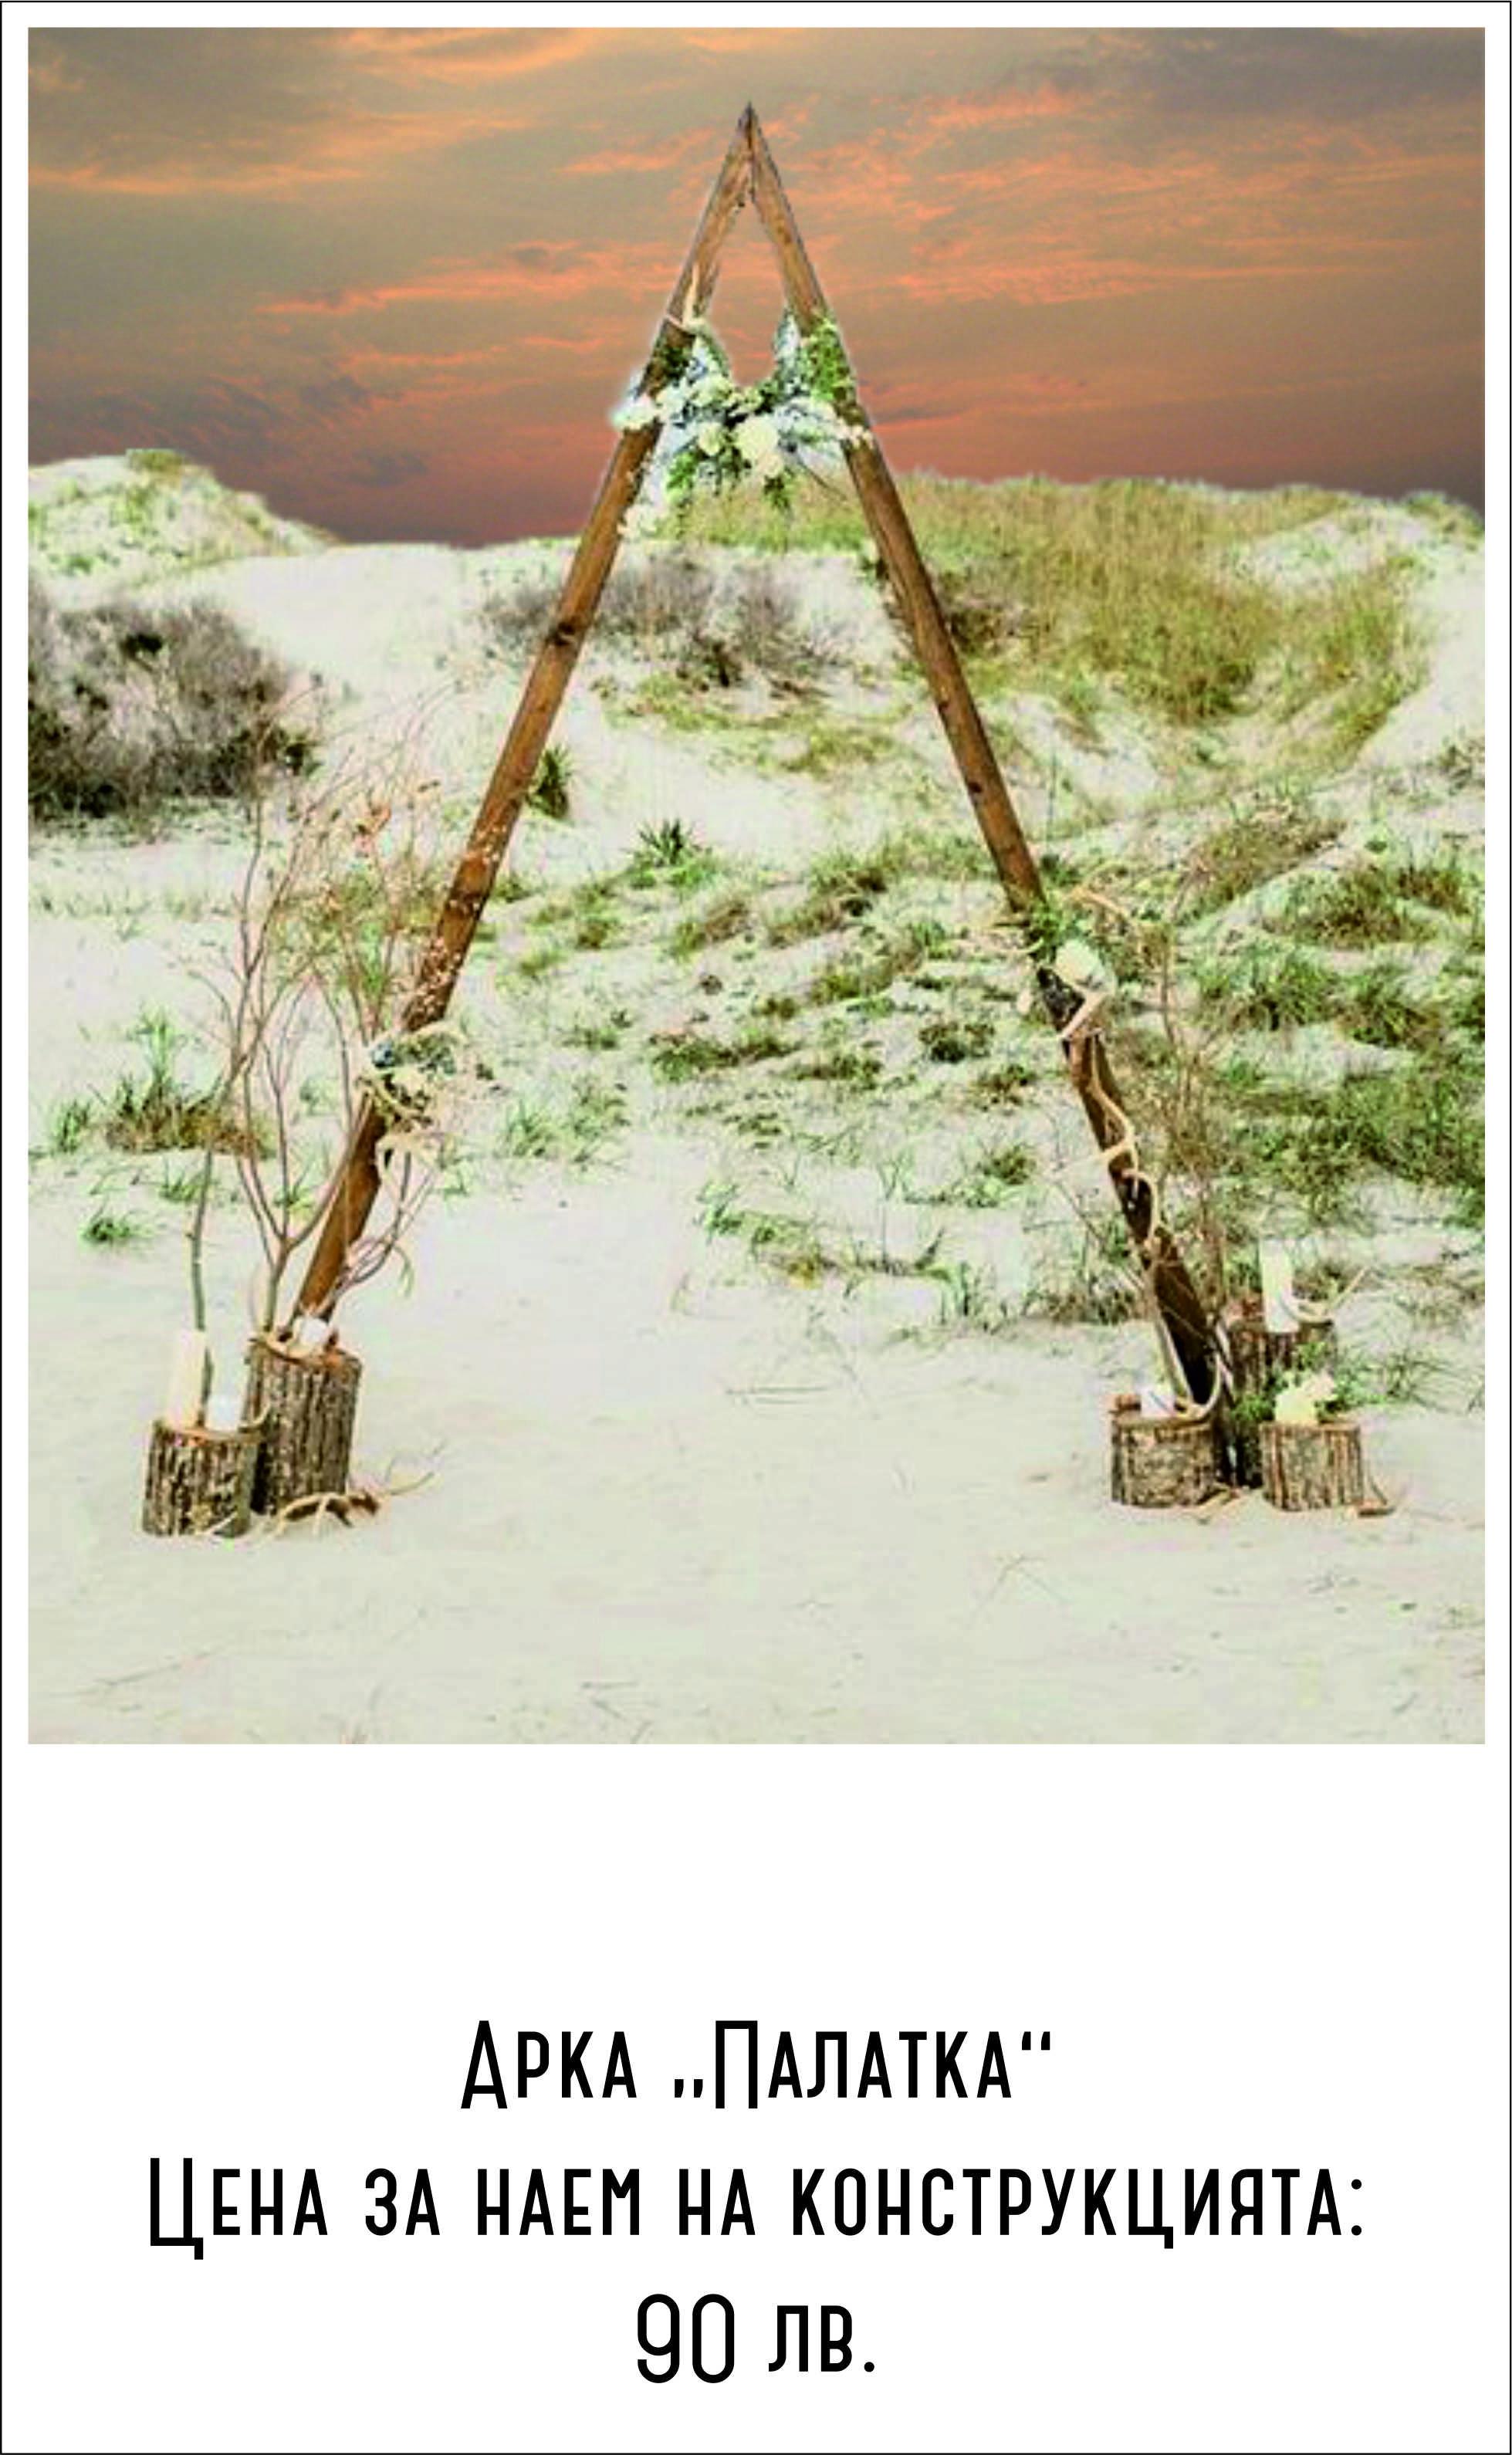 Арка Палатка. Цена за наем на конструкция: 90 лв